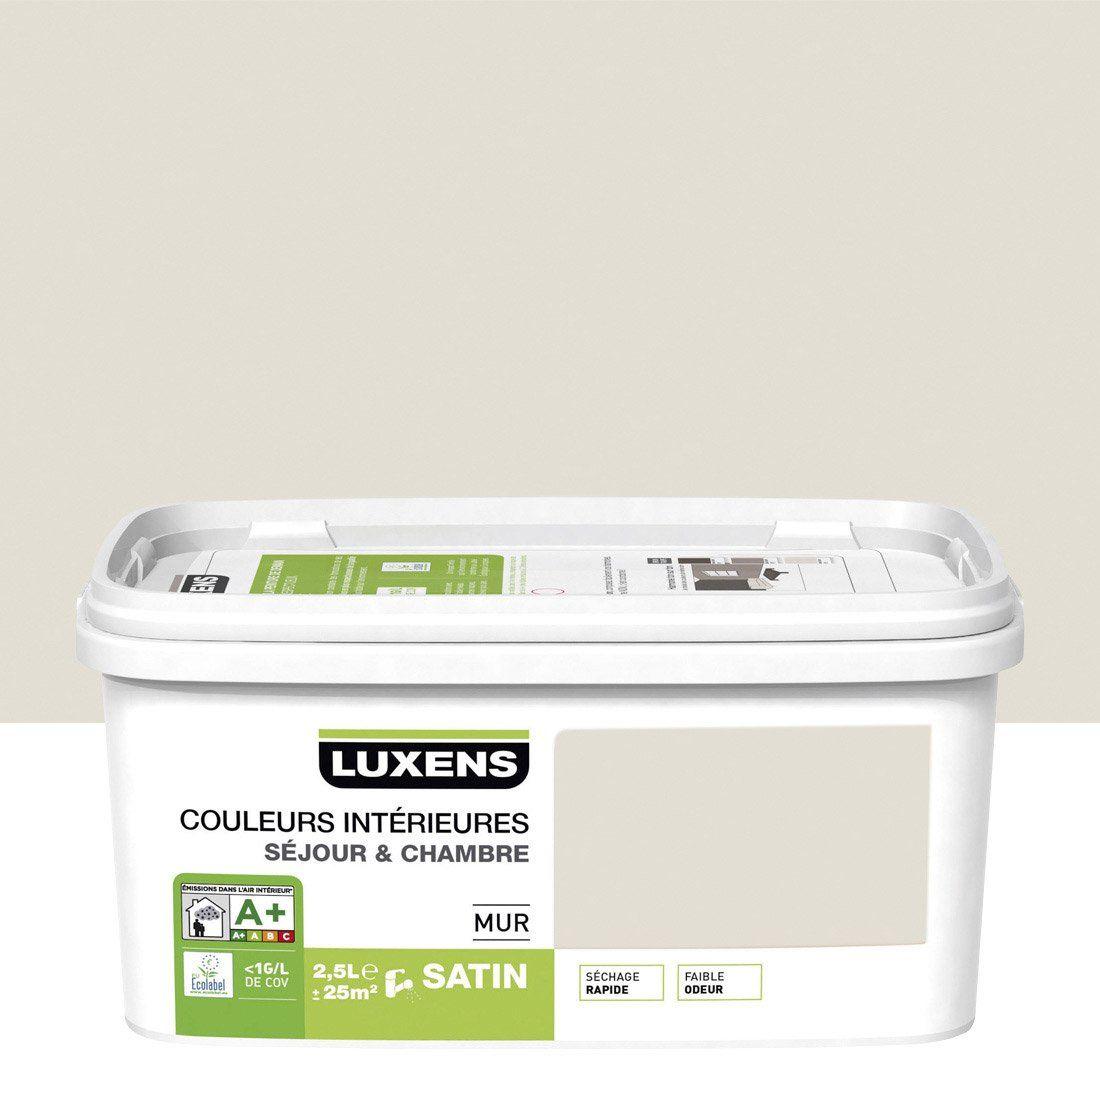 Peinture Blanc Lin 2 Luxens Couleurs Intérieures 25 L Leroy